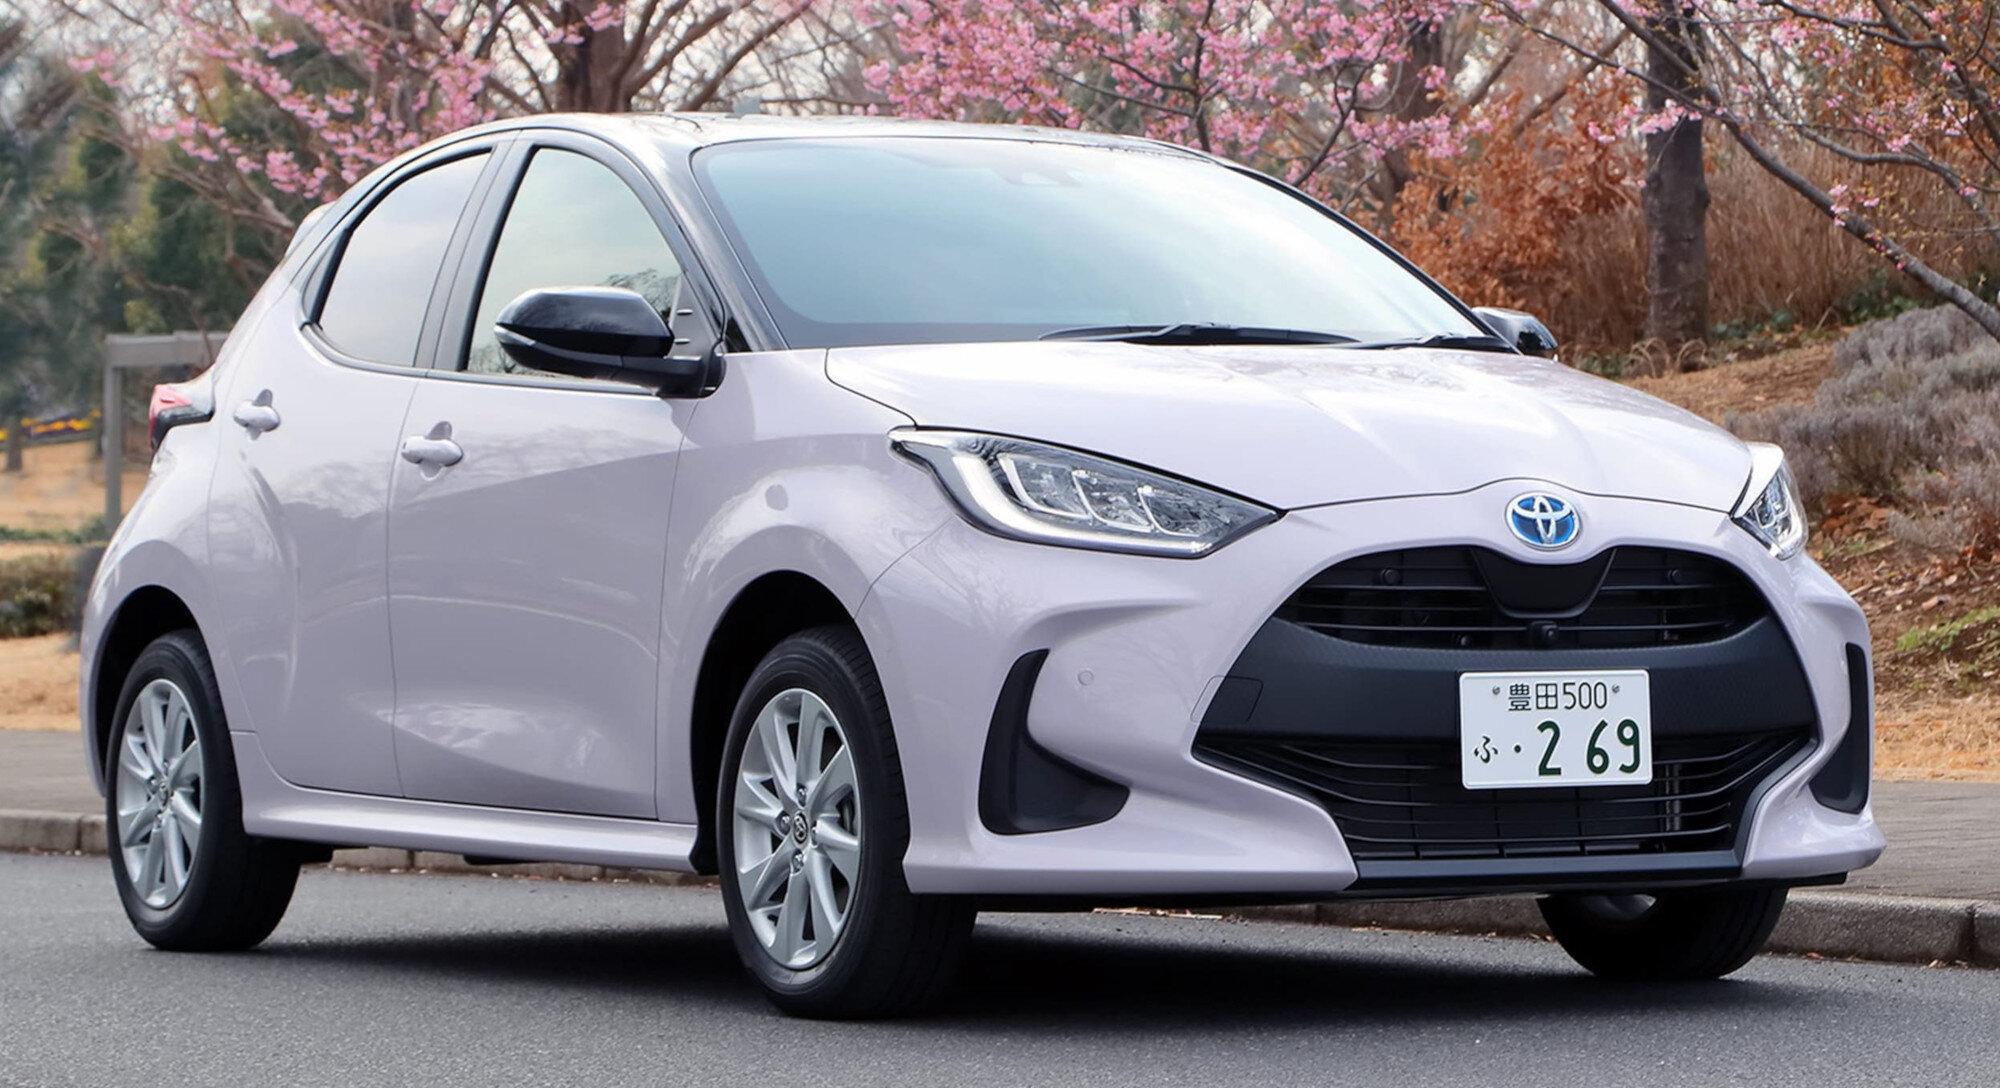 2020日本汽车十大最受欢迎汽车揭晓,年总销量下降11.5%